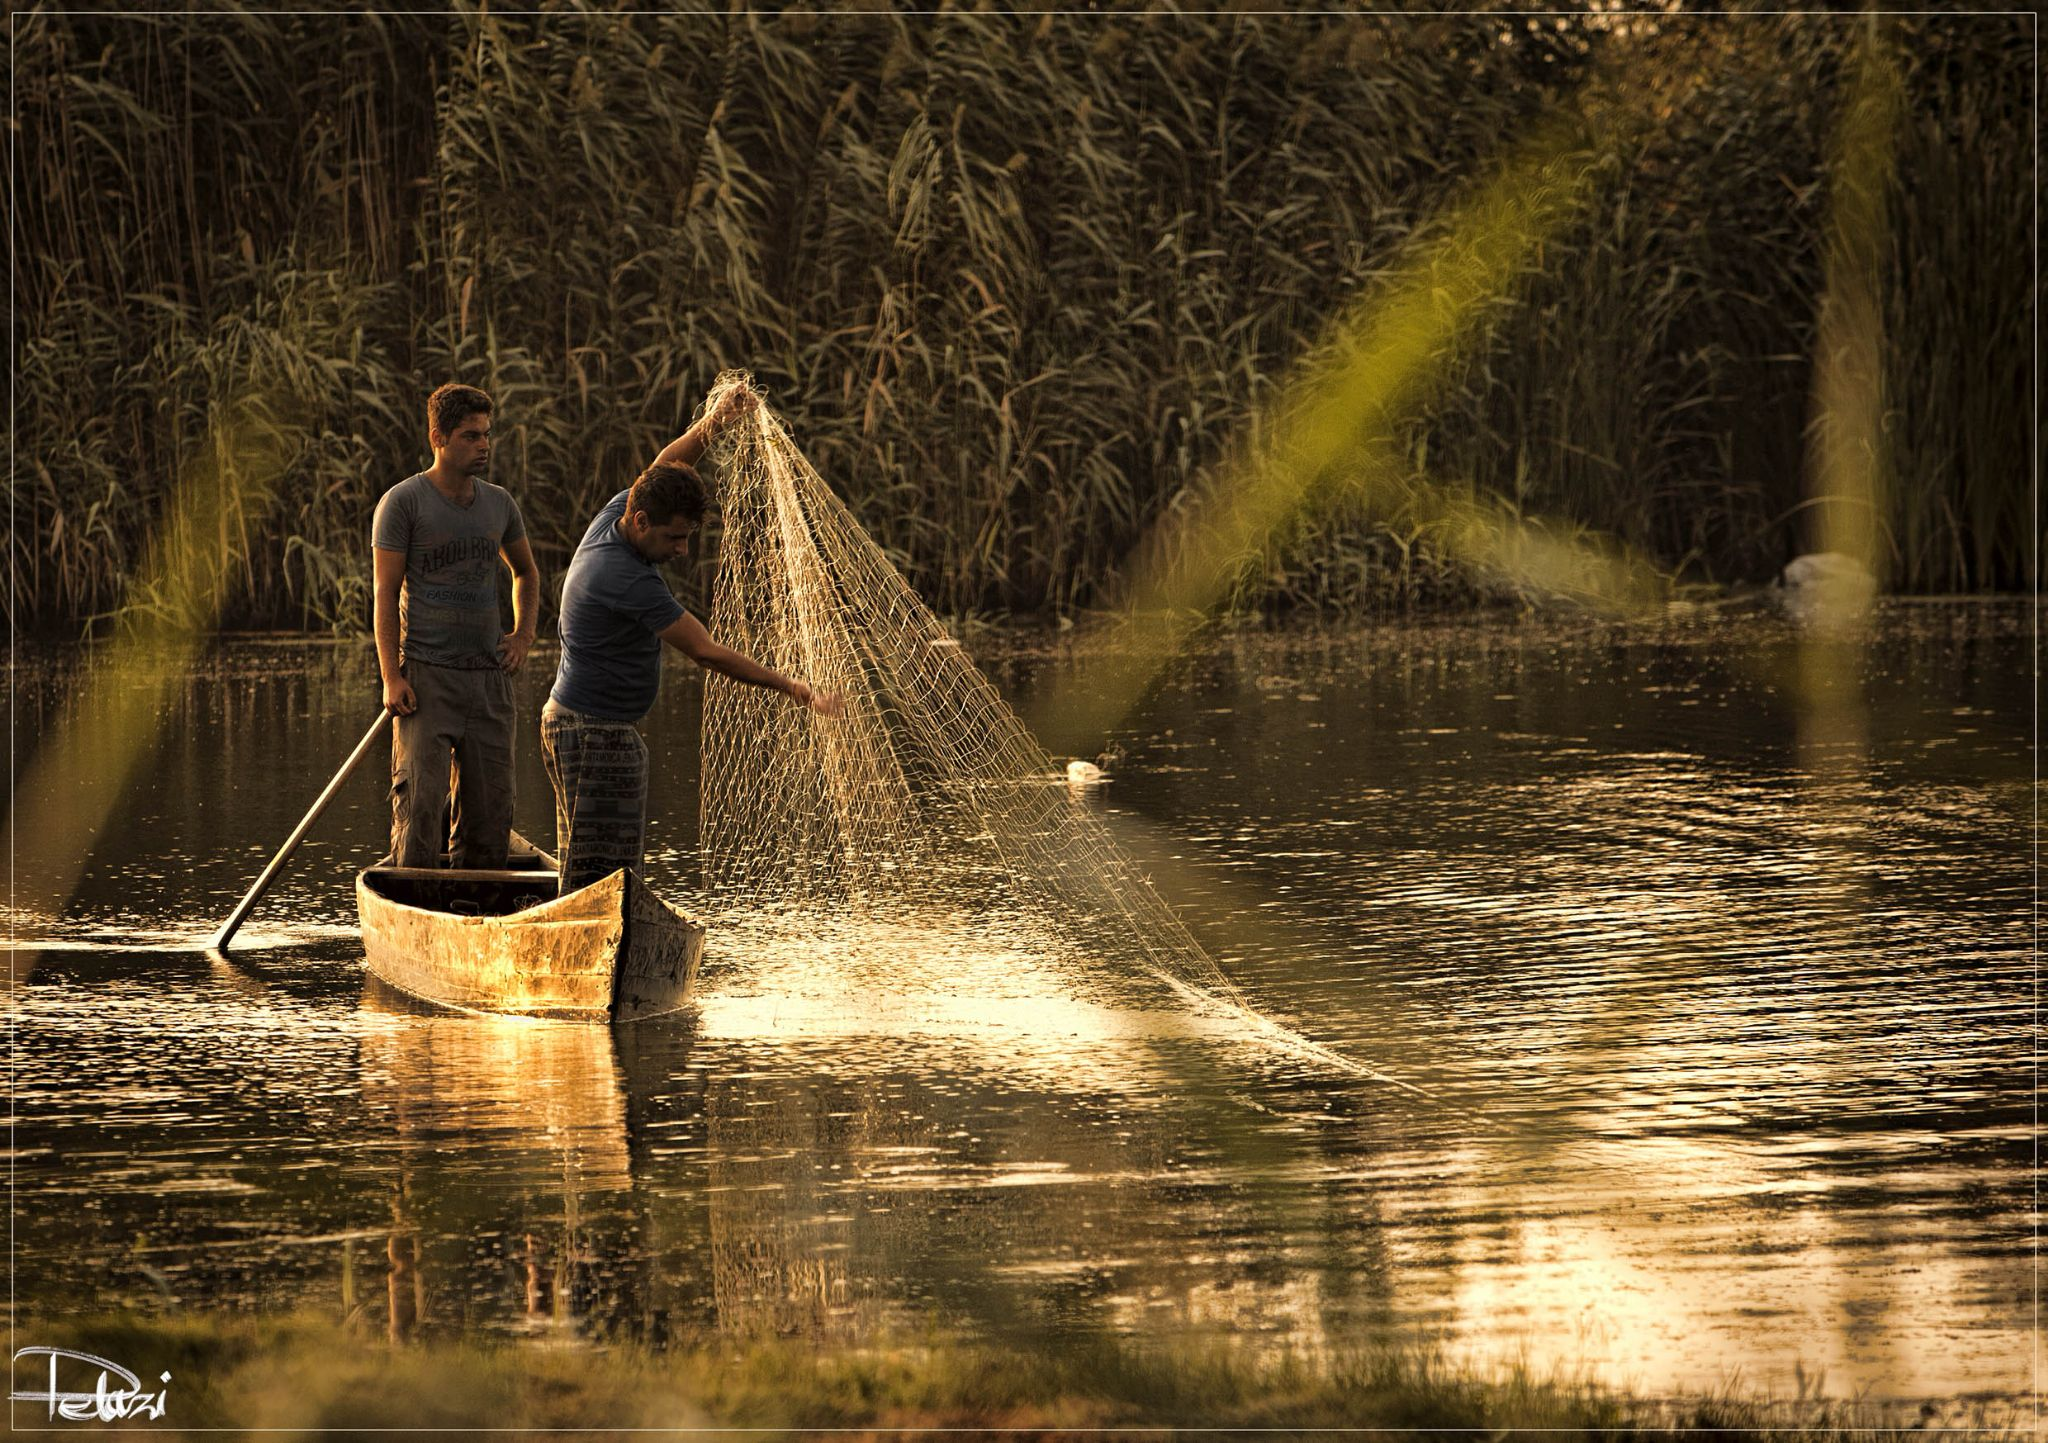 The Fishermen by Delaram Razi